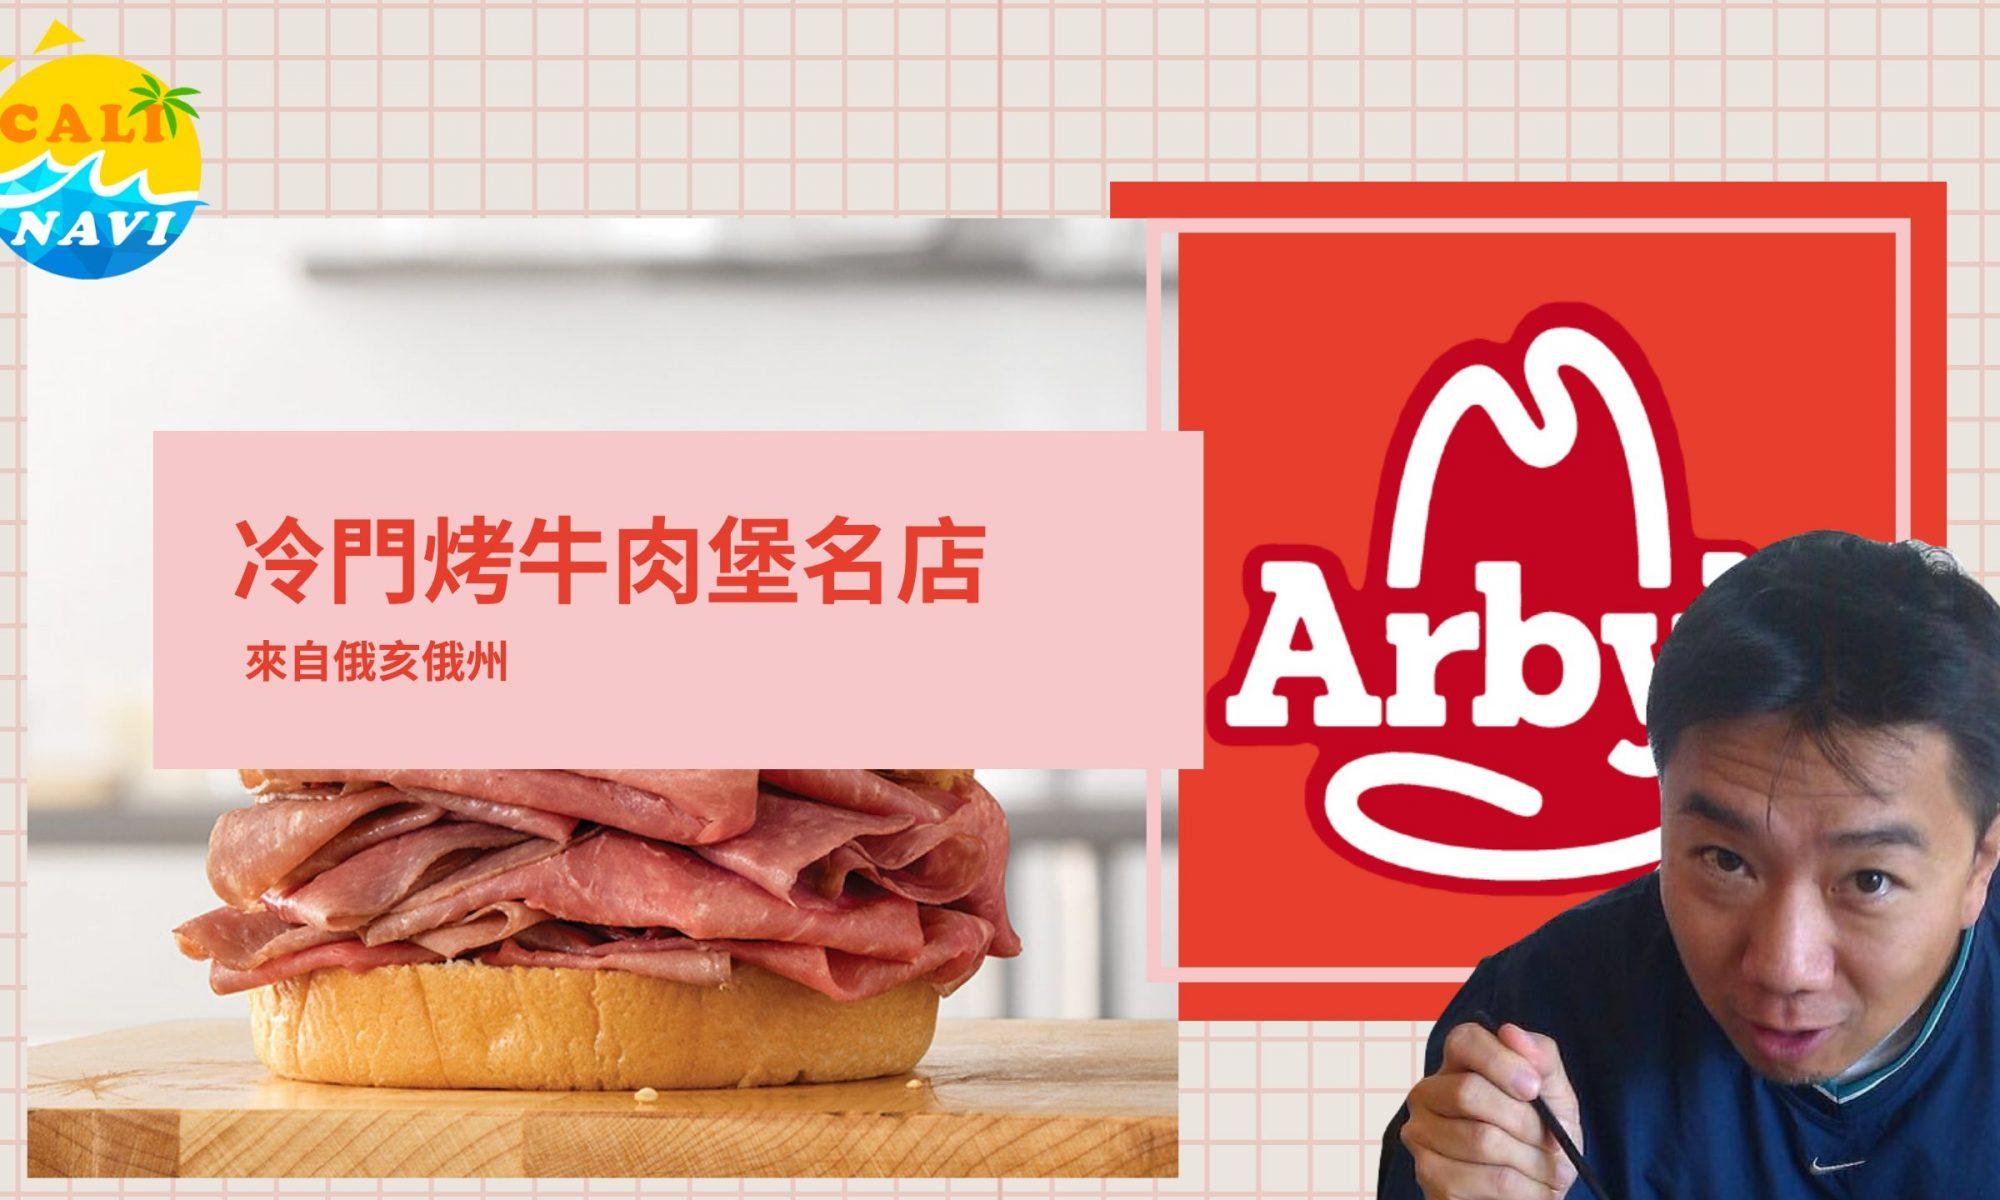 你很不熟的冷門烤牛肉堡店 Arby's | Cali Navi